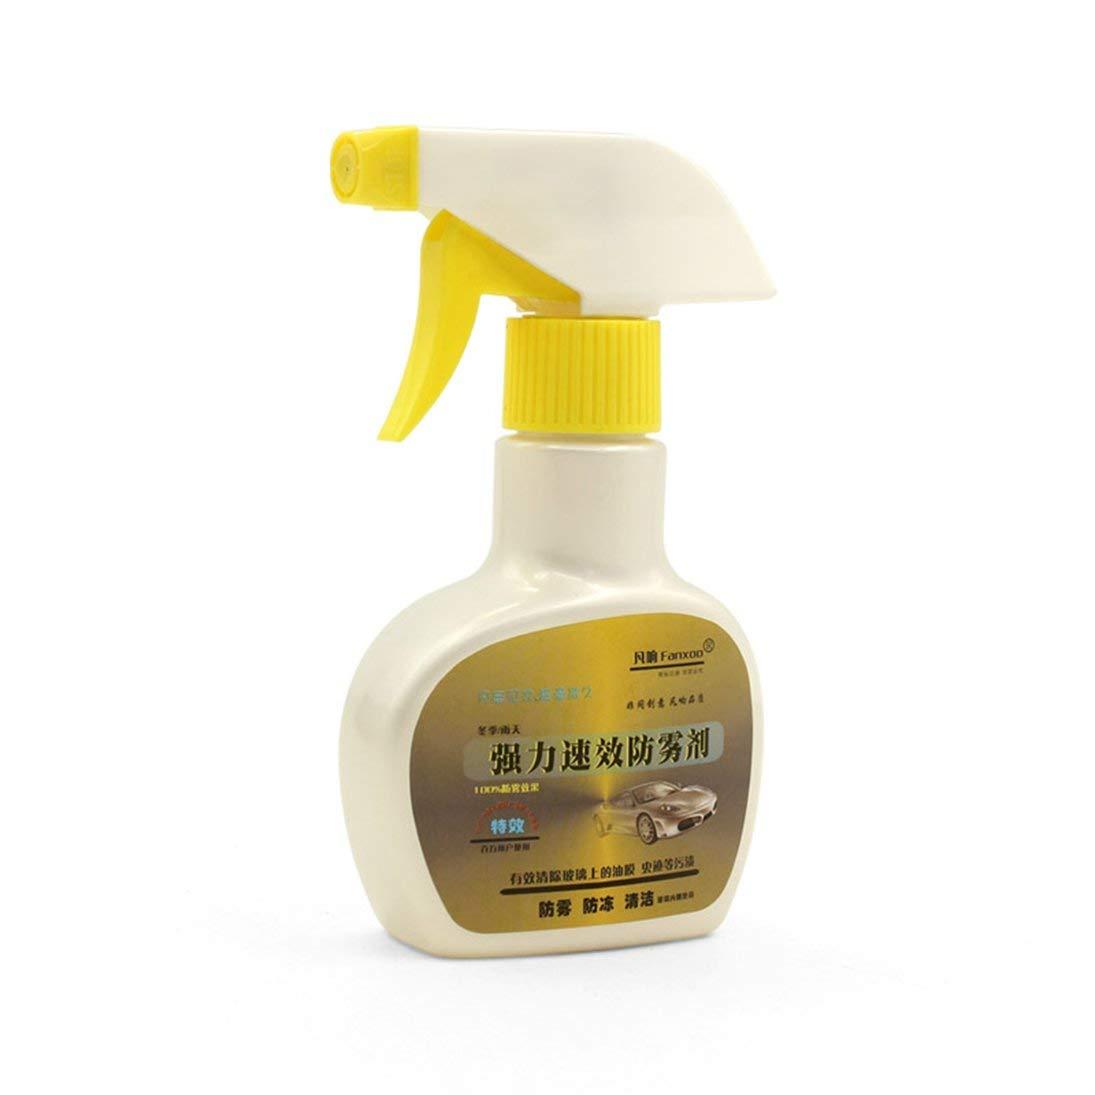 ToGames-IT Vetro Anteriore Auto 150ml Vetro Anti-Nebbia Spray Parabrezza a Lunga Durata Liquido Anti-Appannamento per Automobile Portatile Cura del Parabrezza